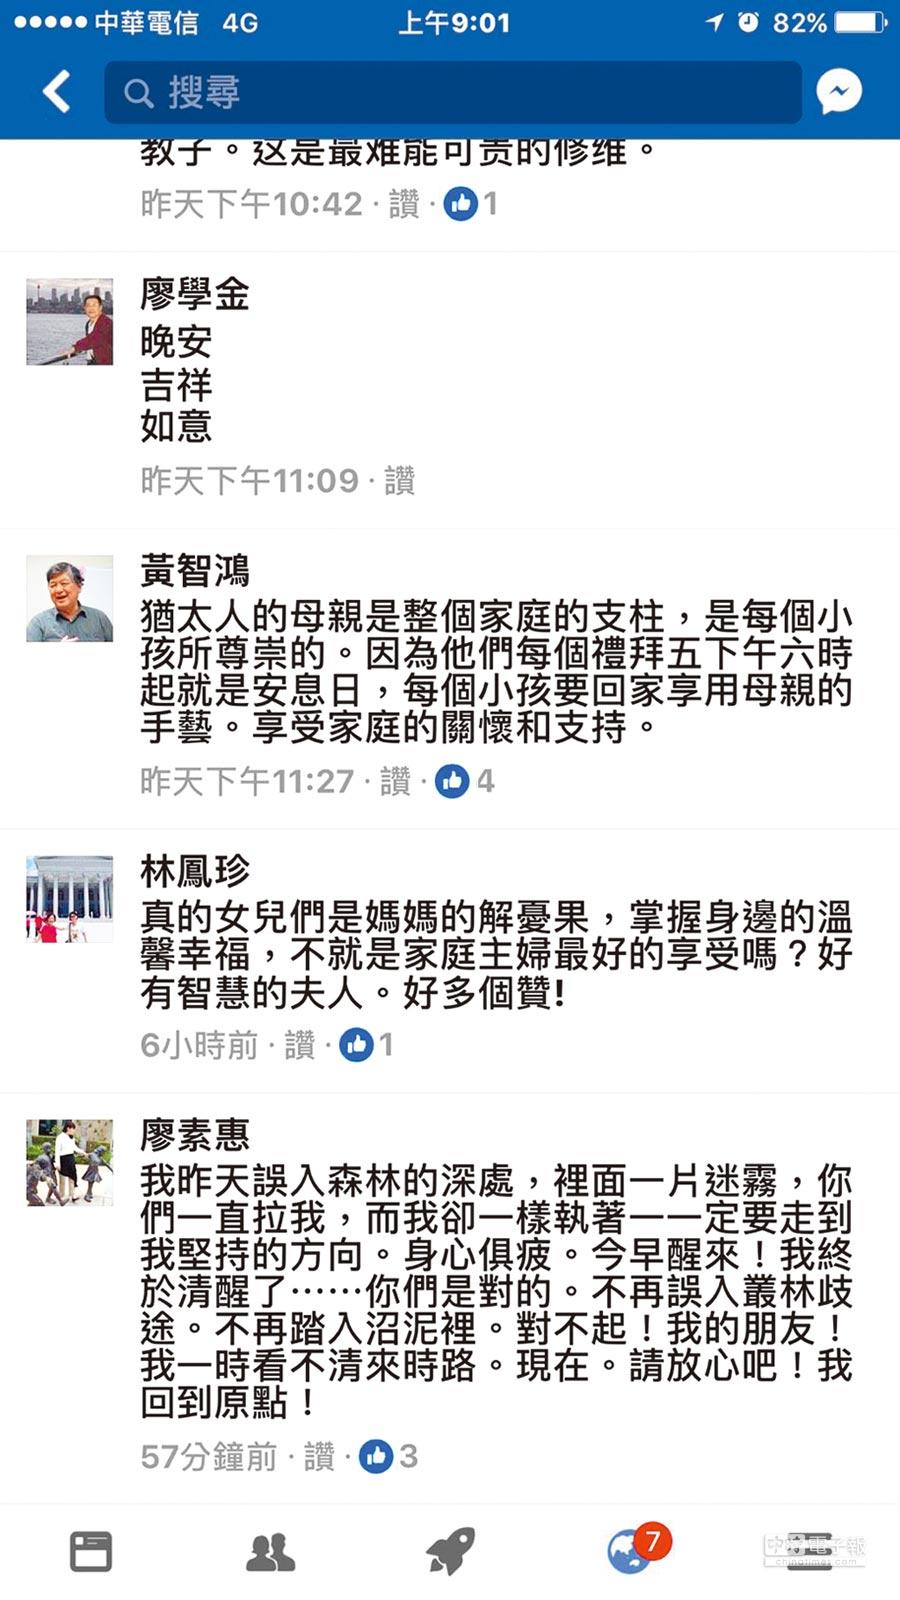 立委陳明文之妻廖素惠臉書的po文「今早醒來,我終於清醒了…回到原點」。(截圖自廖素惠臉書)